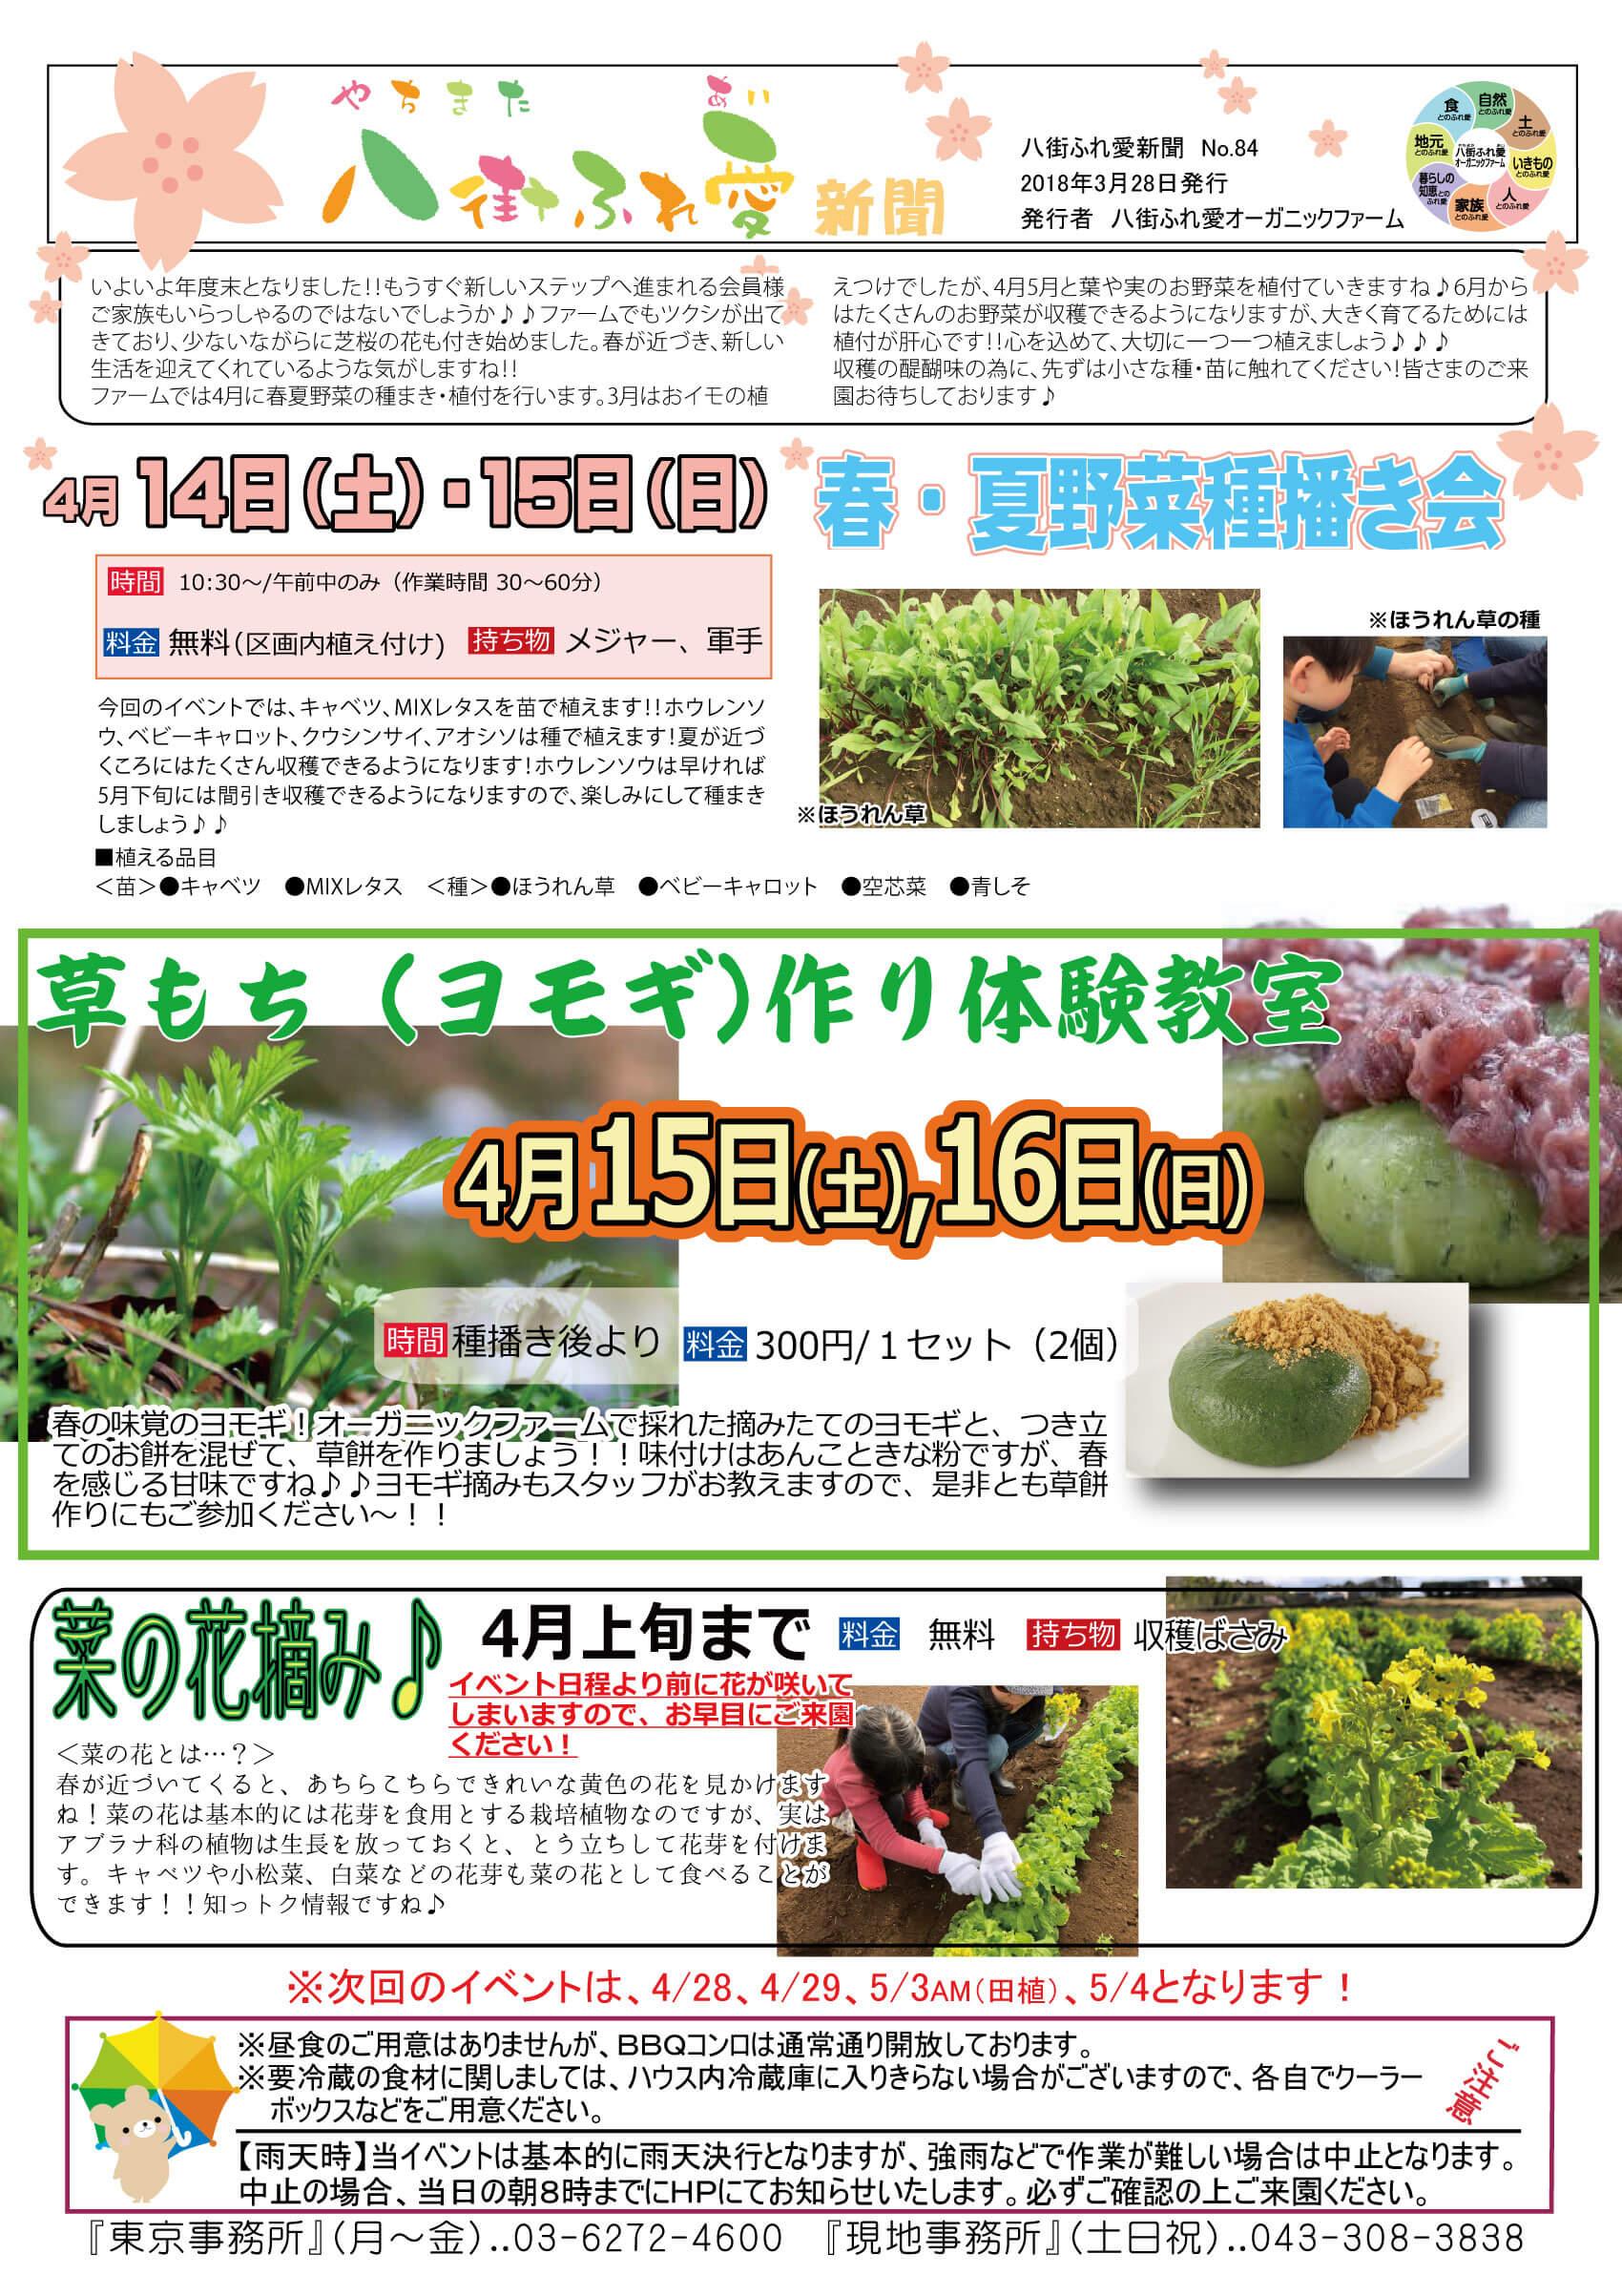 4月14日(土)・15日(日)春・夏野菜種蒔き会 今回のイベントでは、キャベツ、MIXレタスを苗で植えます!ほうれん草、ベビーキャロット、クウシンサイ、あおしそは種で植えます!夏が近づくころにはたくさん収穫できるようになります!ほうれん草は早ければ5月下旬には間引き収穫できるようになりますので、楽しみにして種蒔きしましょう♪